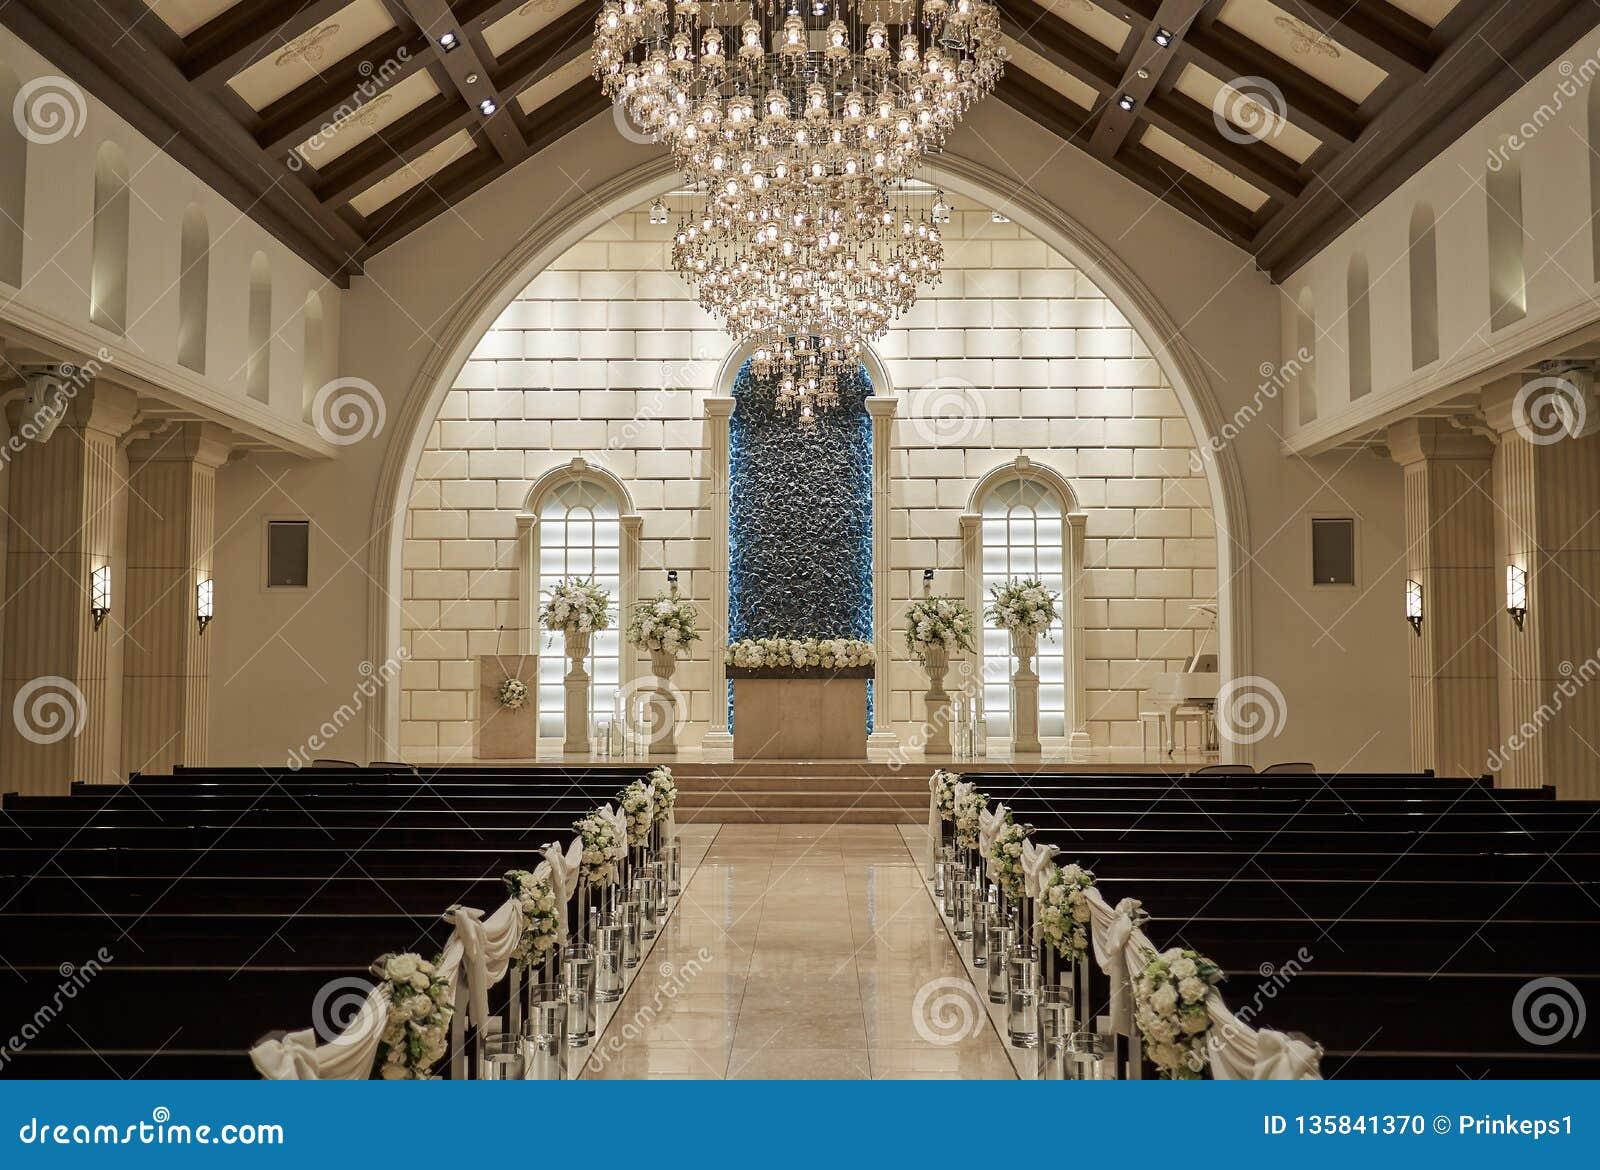 教堂样式结婚礼堂的内部